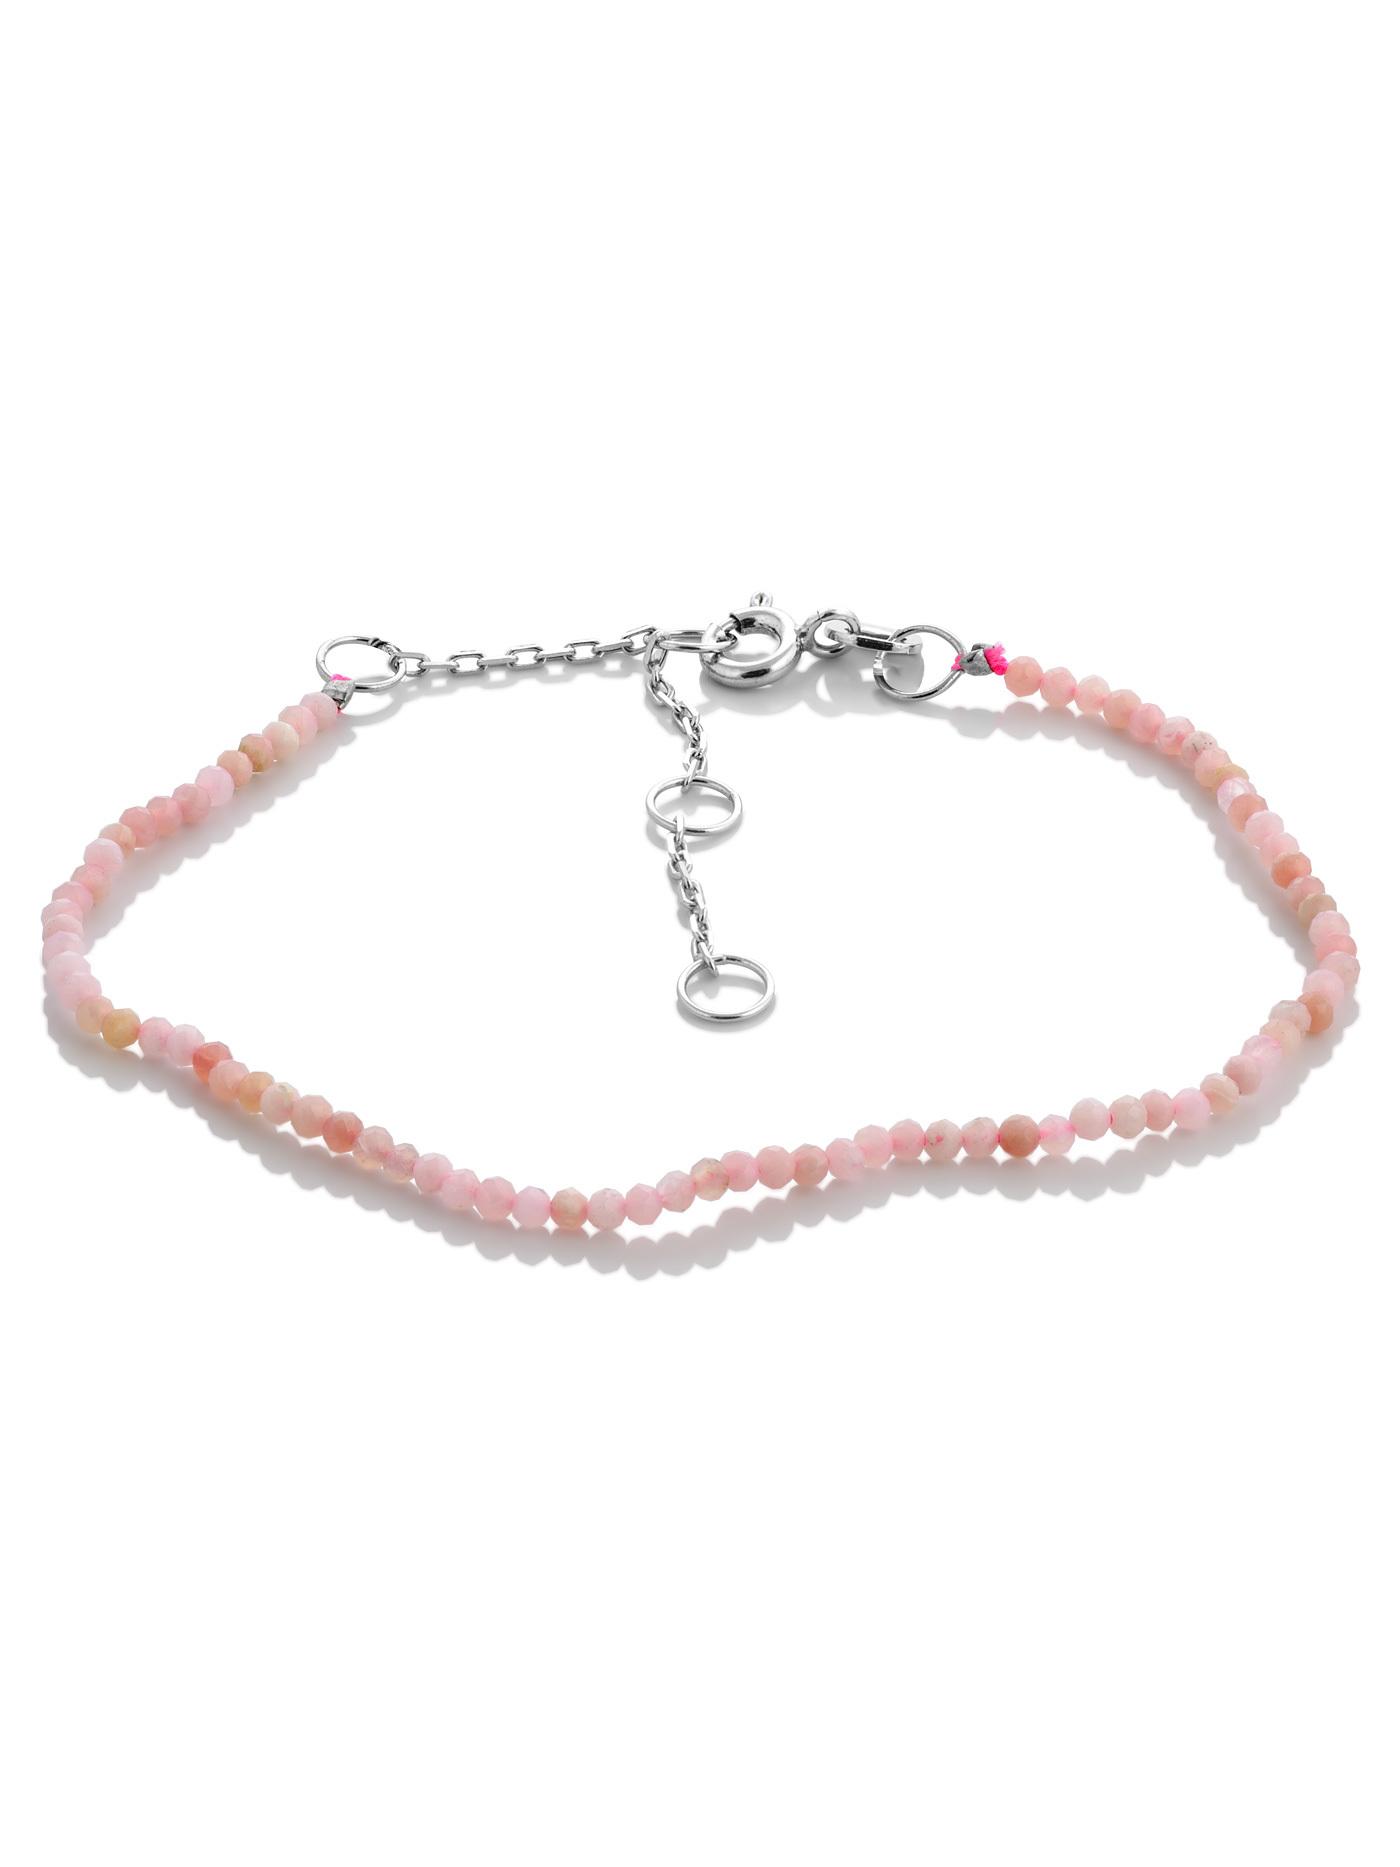 Ювелирный браслет с розовым опалом